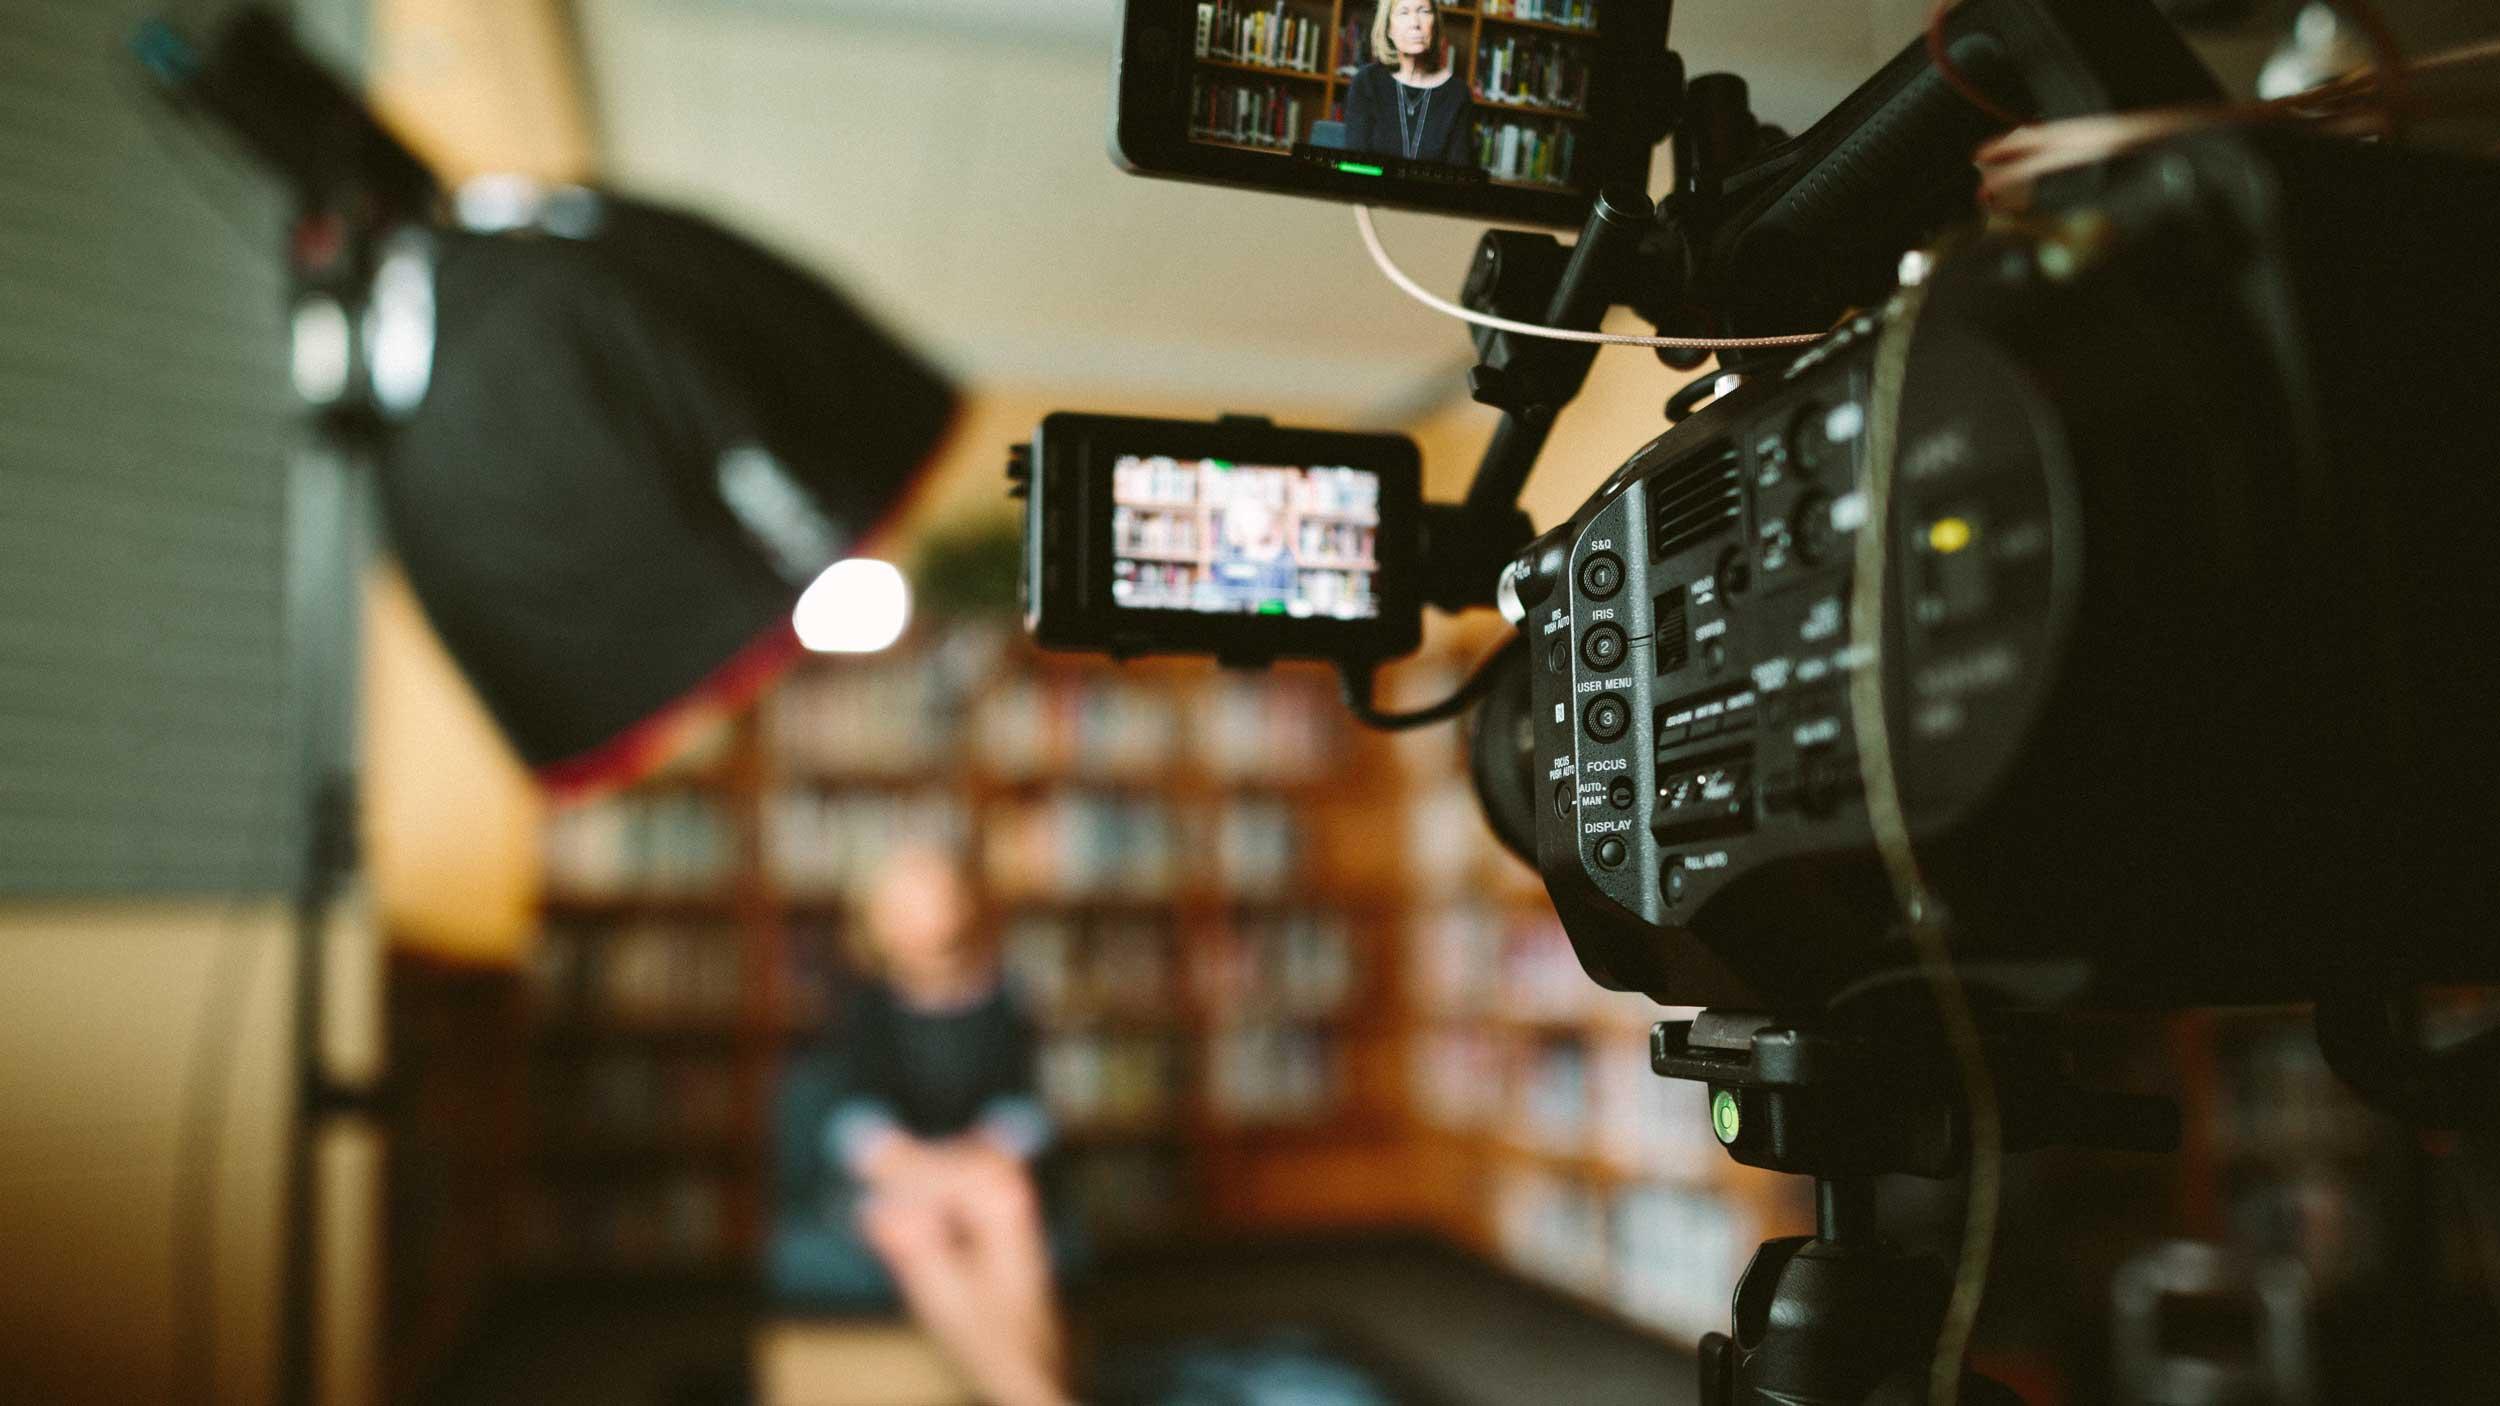 Närbild på kamera, tv-inspelning.